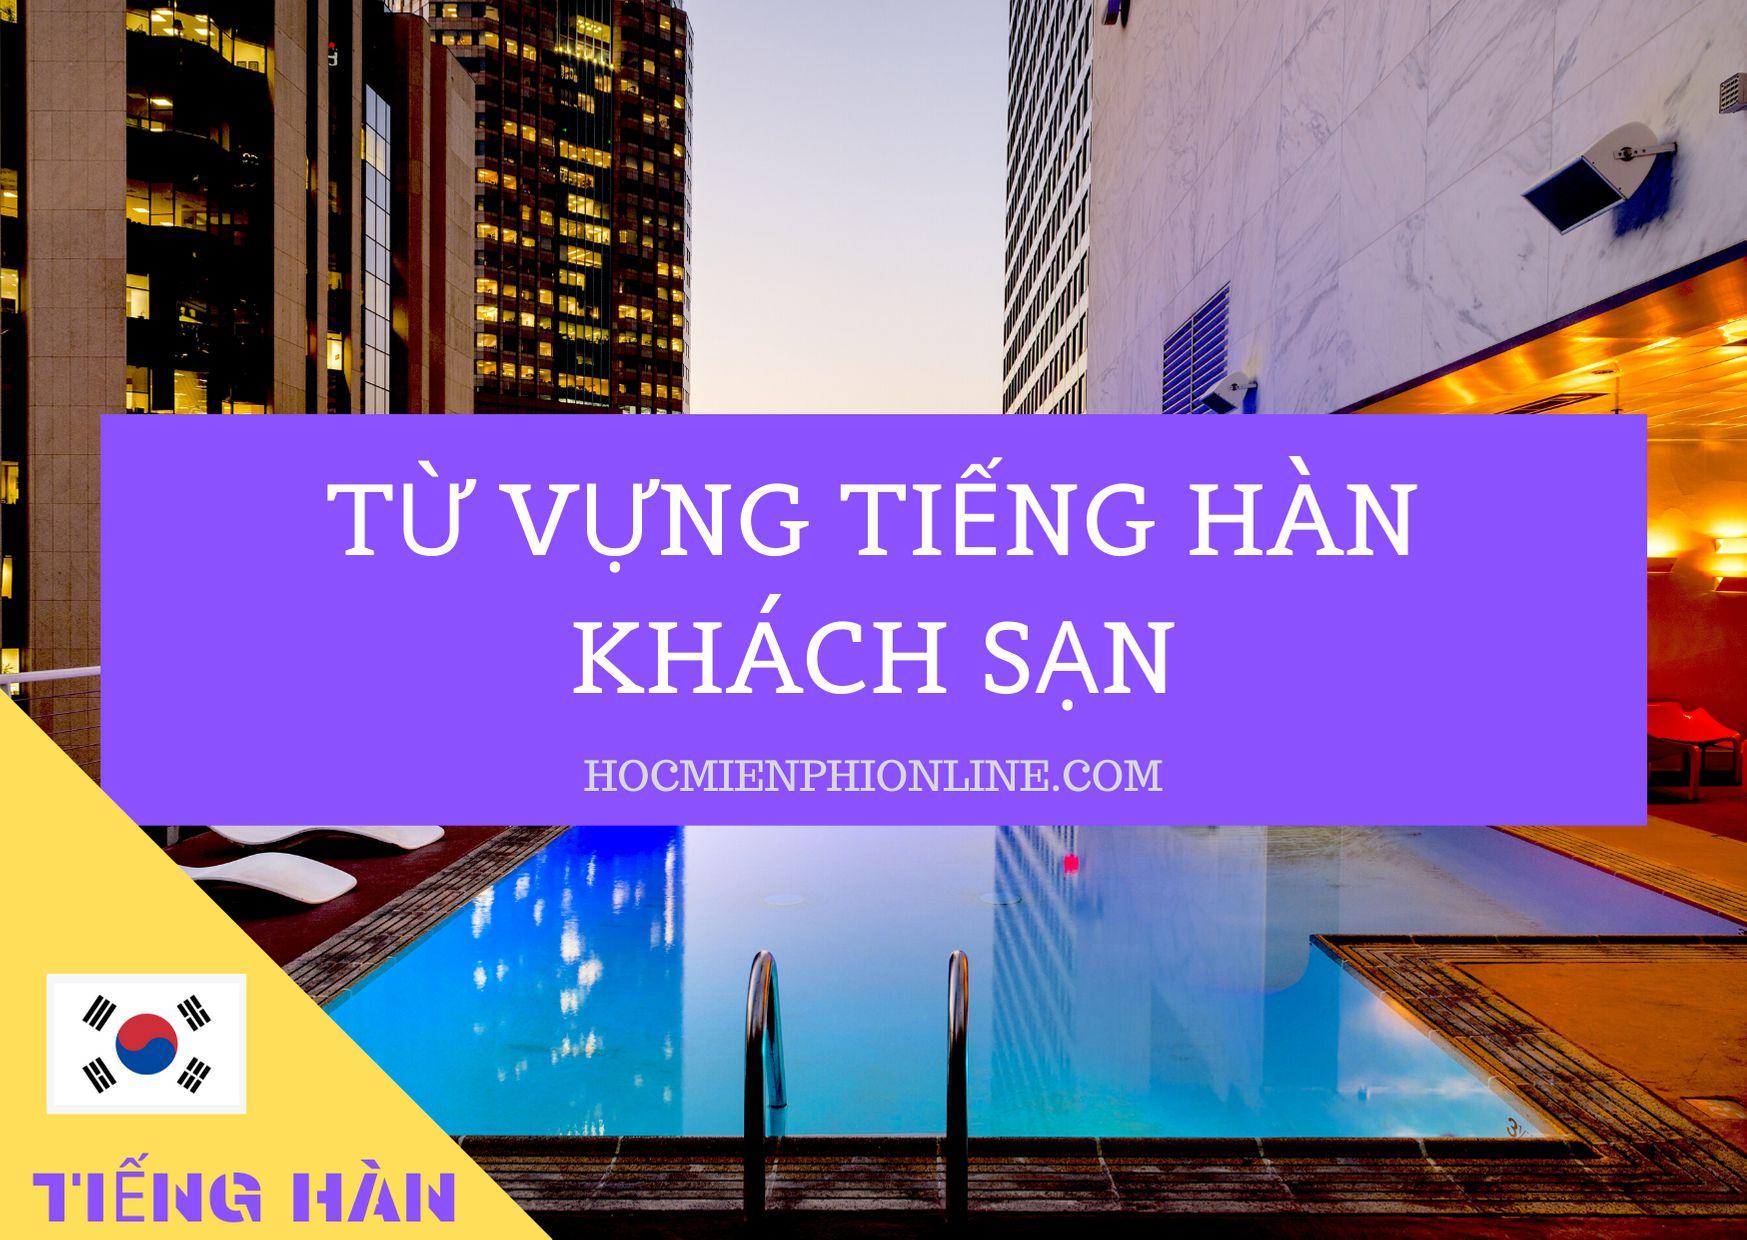 Từ vựng Tiếng Hàn chủ đề KHÁCH SẠN 1